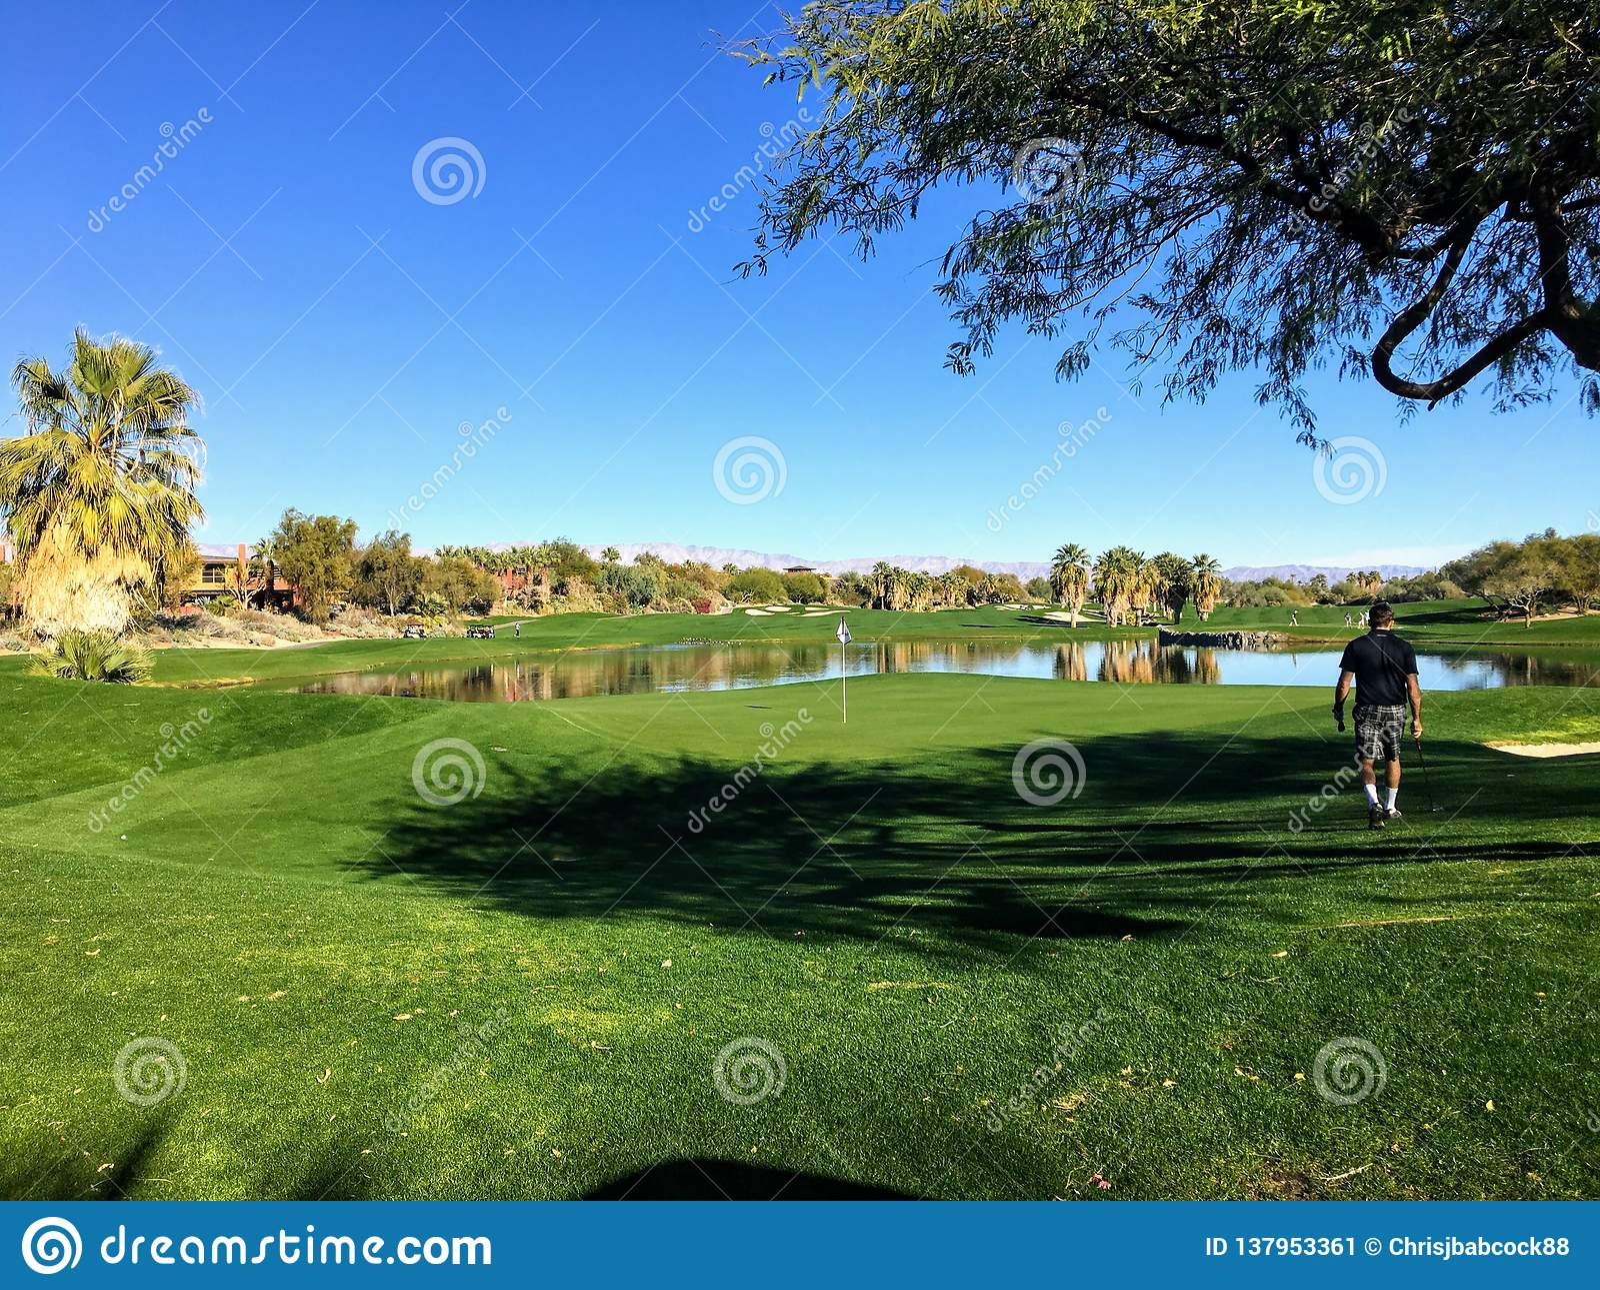 Ένας νέος αρσενικός παίκτης γκολφ που περπατά προς το πράσινο σε μια ισοτιμία 4 που περιβάλλεται από το νερό σε ένα γήπεδο του γκ